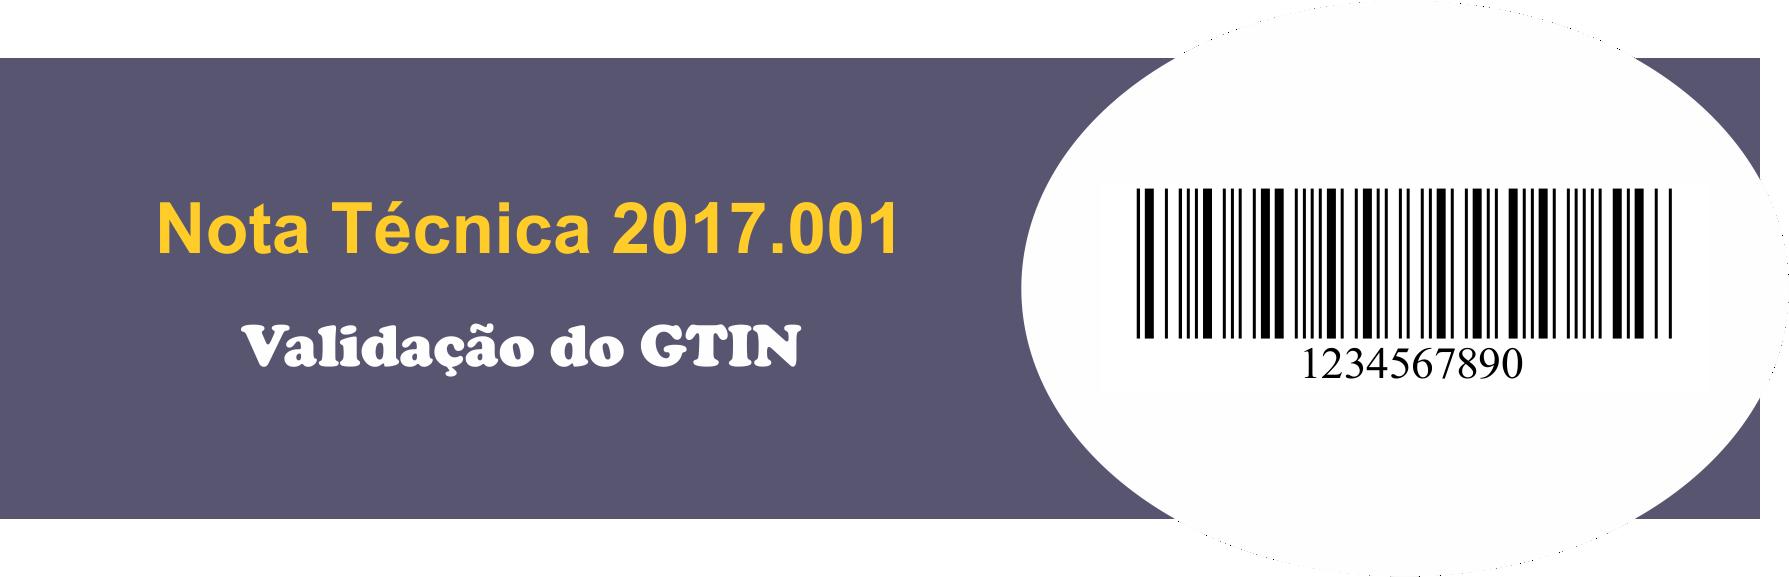 Como vai funcionar a validação do GTIN na nota  4.0